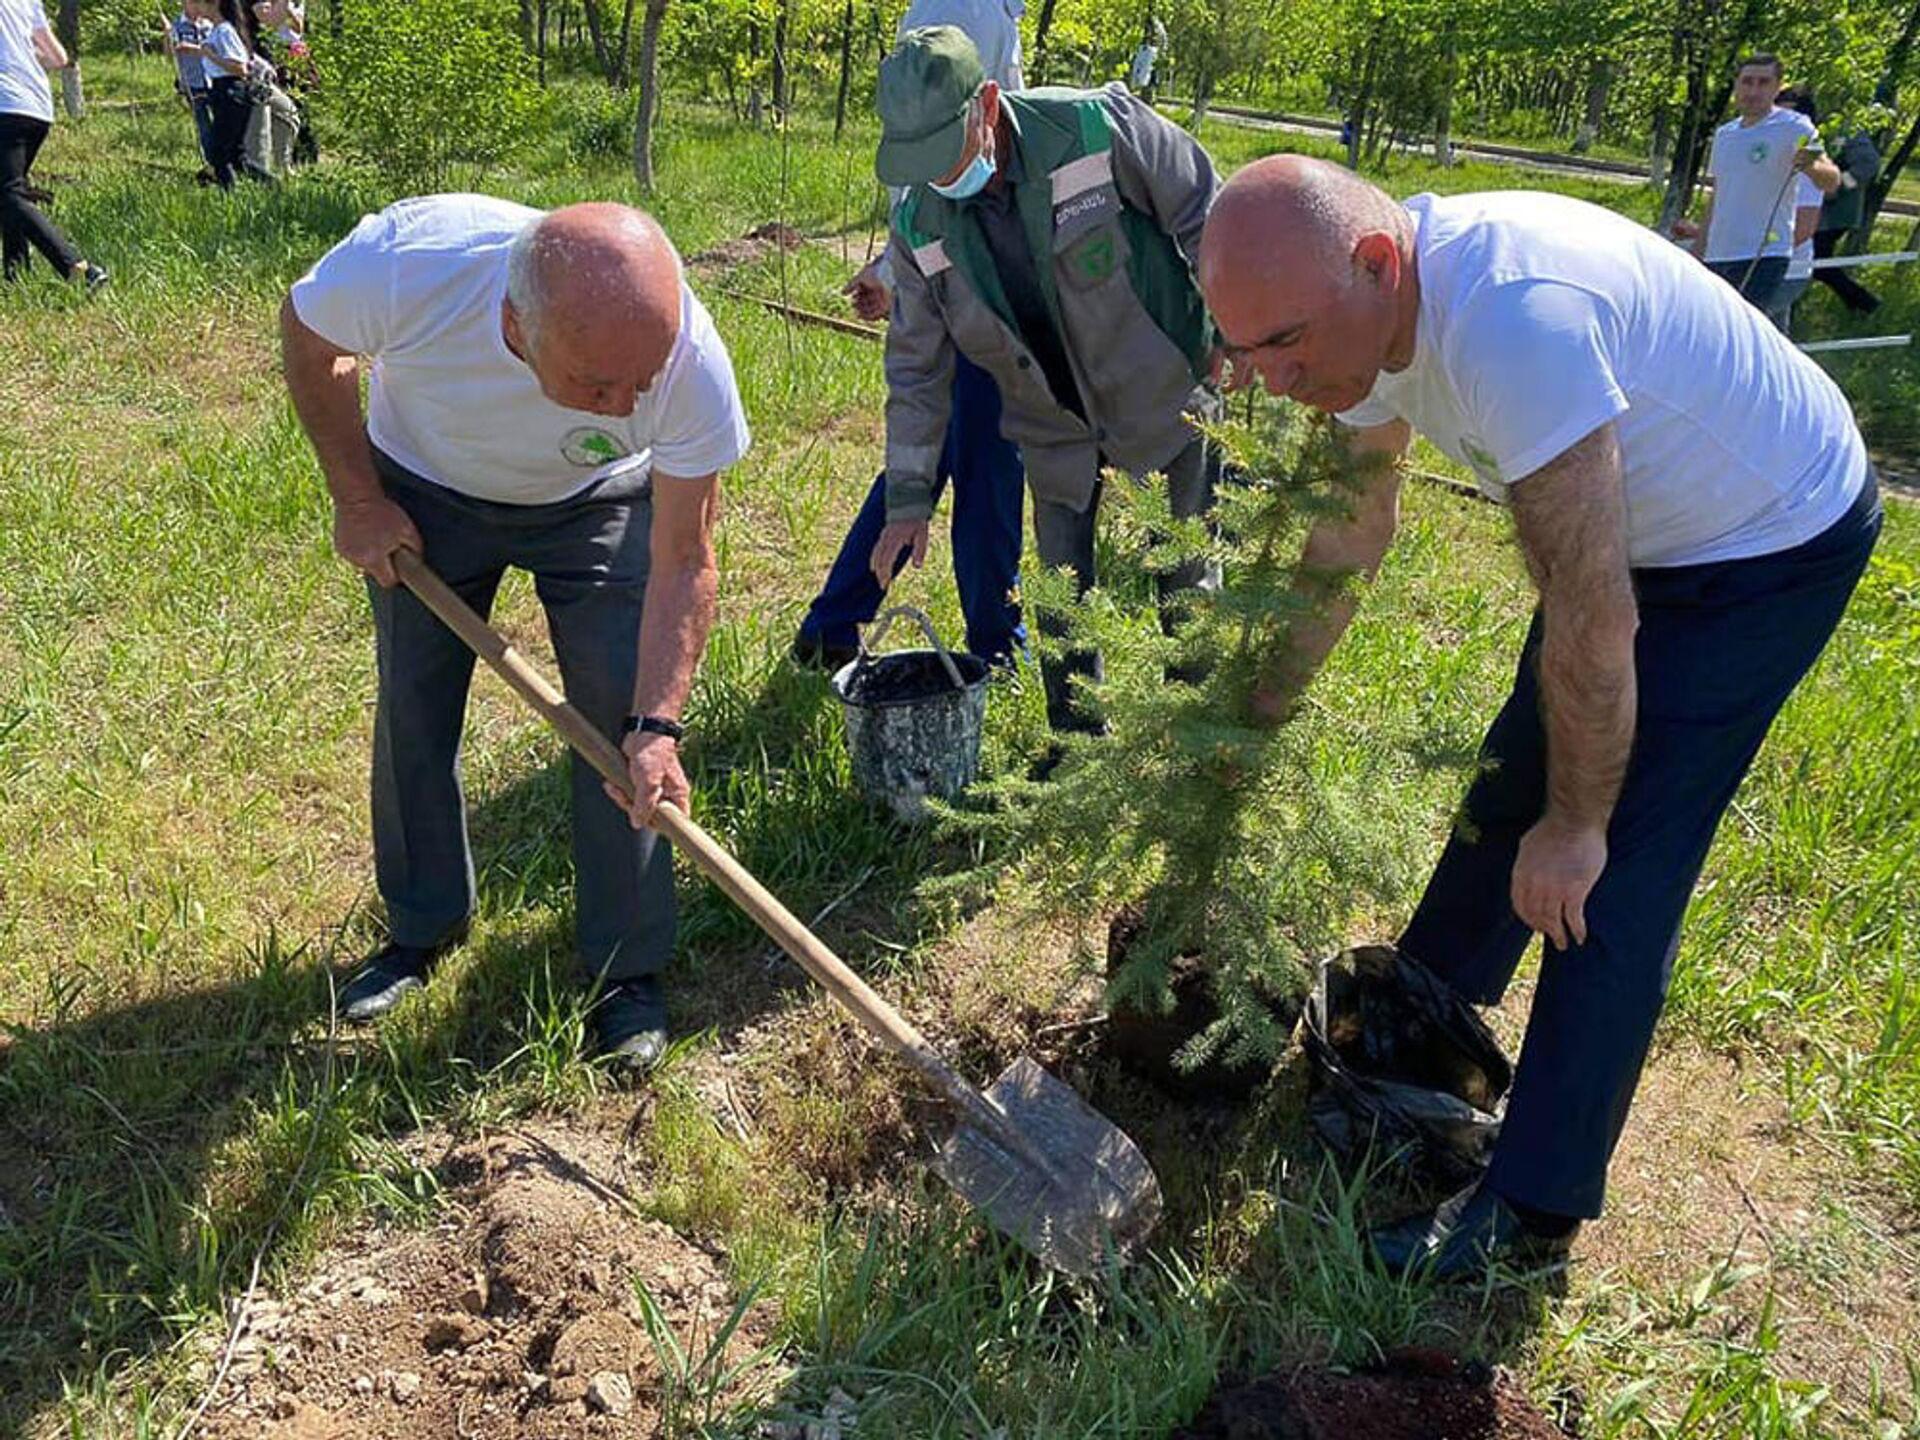 Շնորհակալություն, Երևան. հադրութցիները ծառեր են տնկել Նոր Նորքում - Sputnik Արմենիա, 1920, 03.05.2021